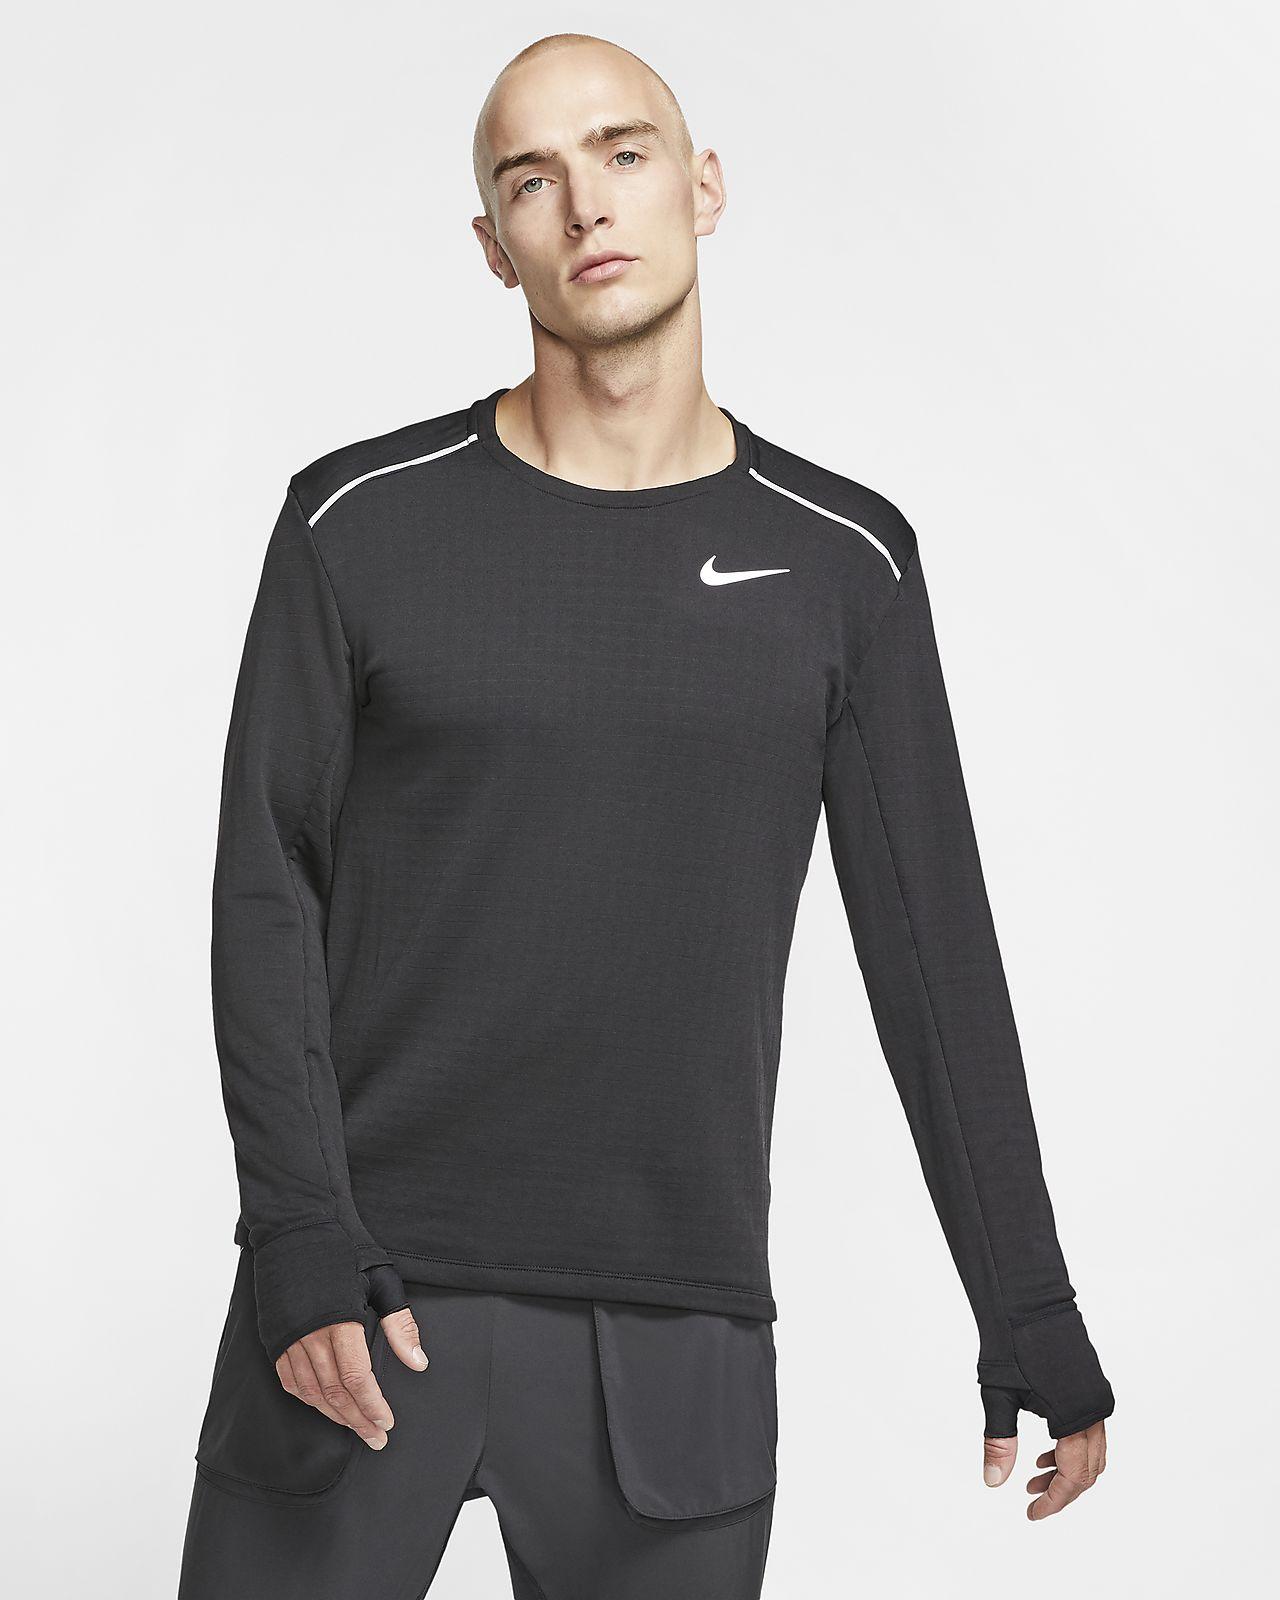 Nike Therma-Sphere 3.0 Men's Long-Sleeved Running Top